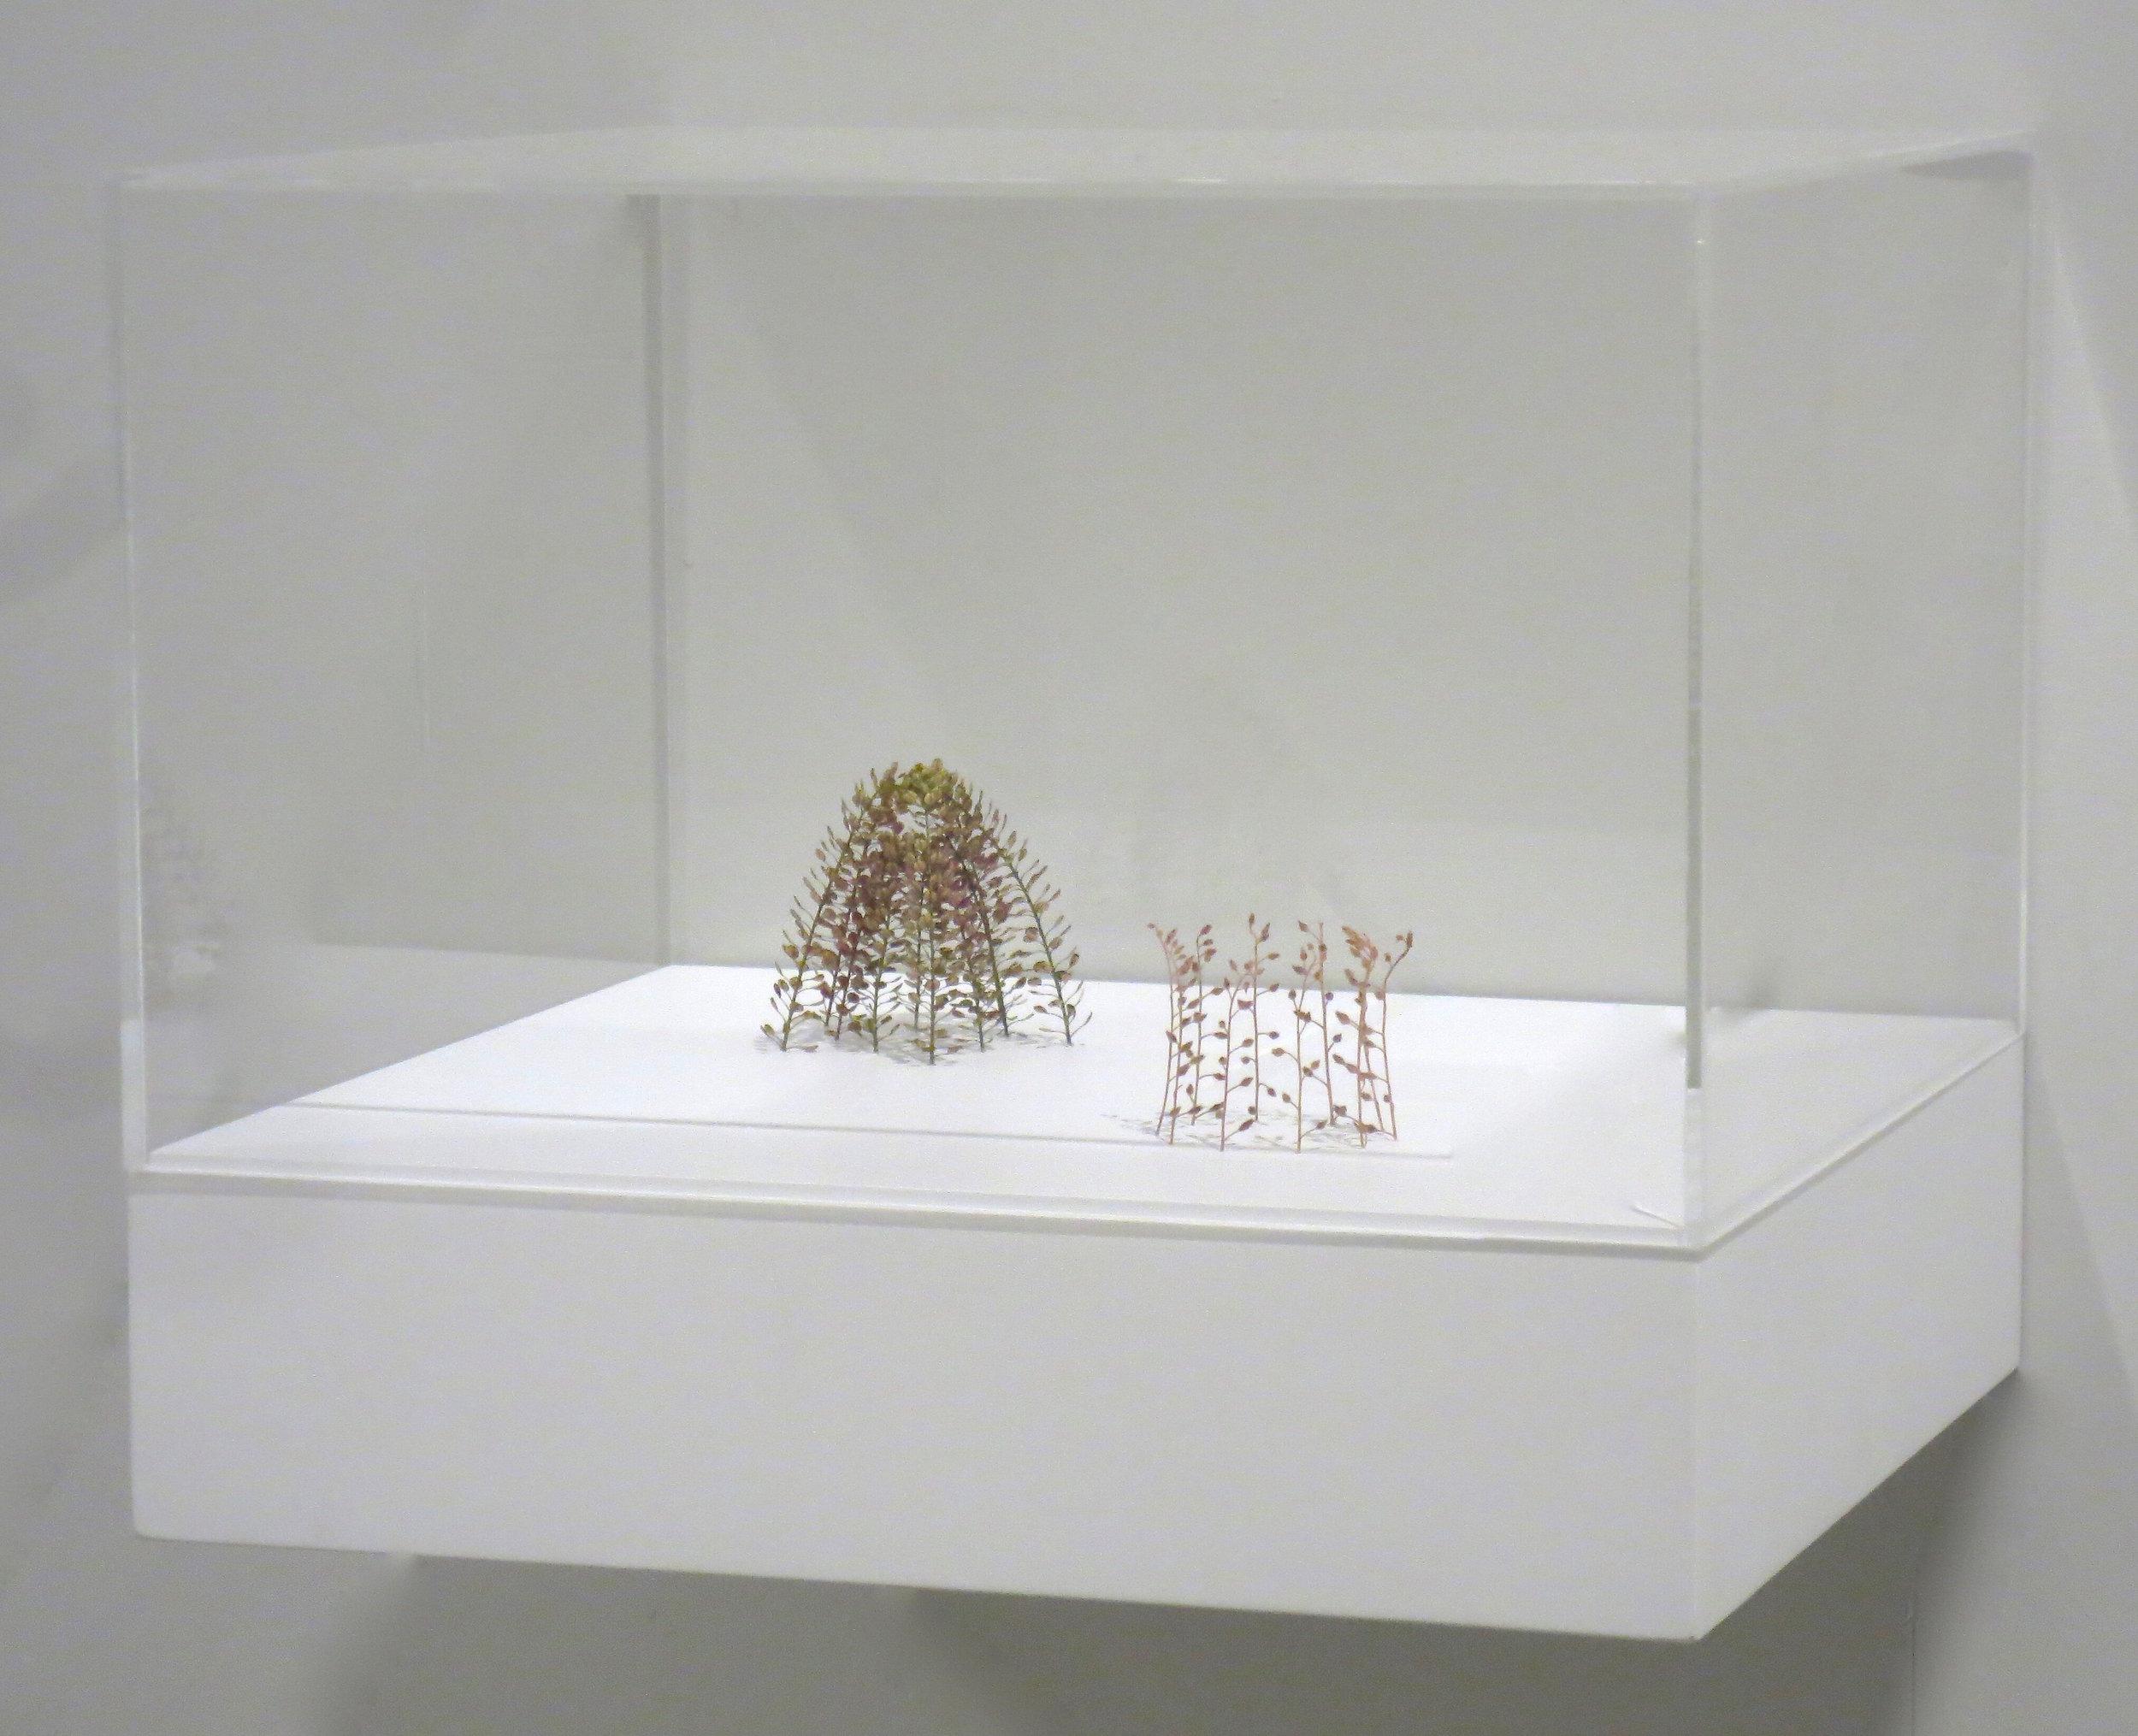 Christiane Löhr  (B. 1965)  Little Dome + Little Chalice [Kleine Kuppel + Kleine Kelchform] , 2017 Plant stalks 25 1/2 x 2 3/4 x 2 3/4 inches (6.5 x 7 x 7 cm) Pedestal: 11 x 13 x 12 inches (28 x 33 x 30 cm)